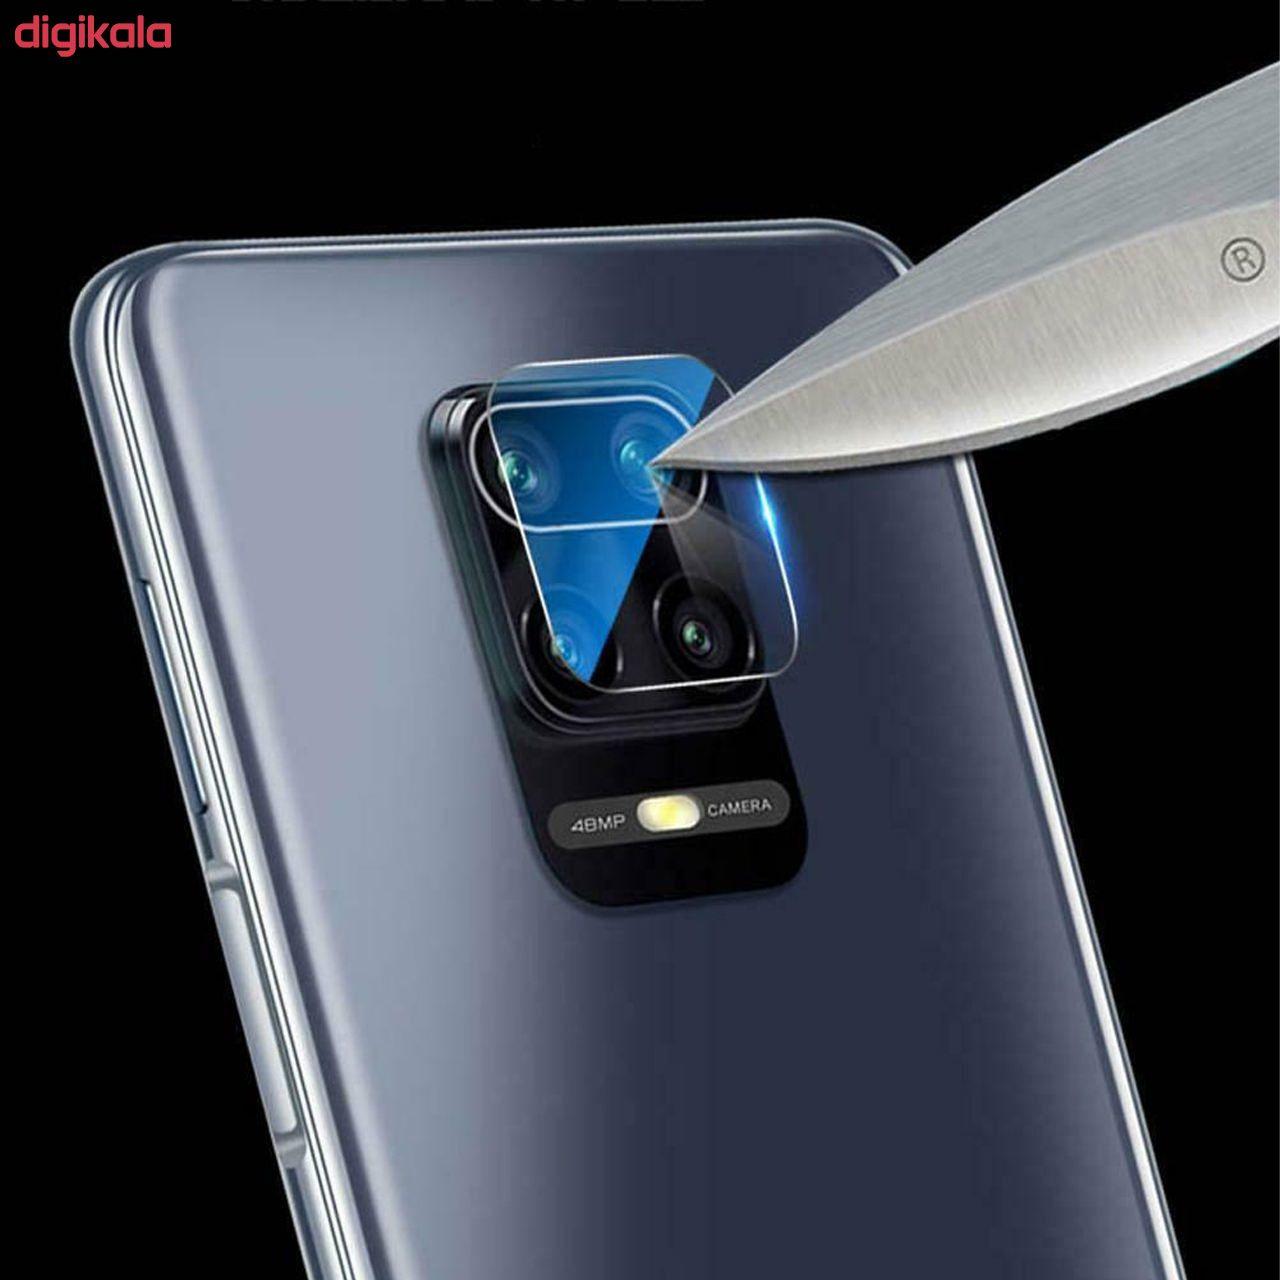 محافظ صفحه نمايش روبیکس مدل FUA مناسب برای گوشی موبایل شیائومی Redmi Note 9S/9 pro/9/9 pro max به همراه محافظ لنز دوربین main 1 6